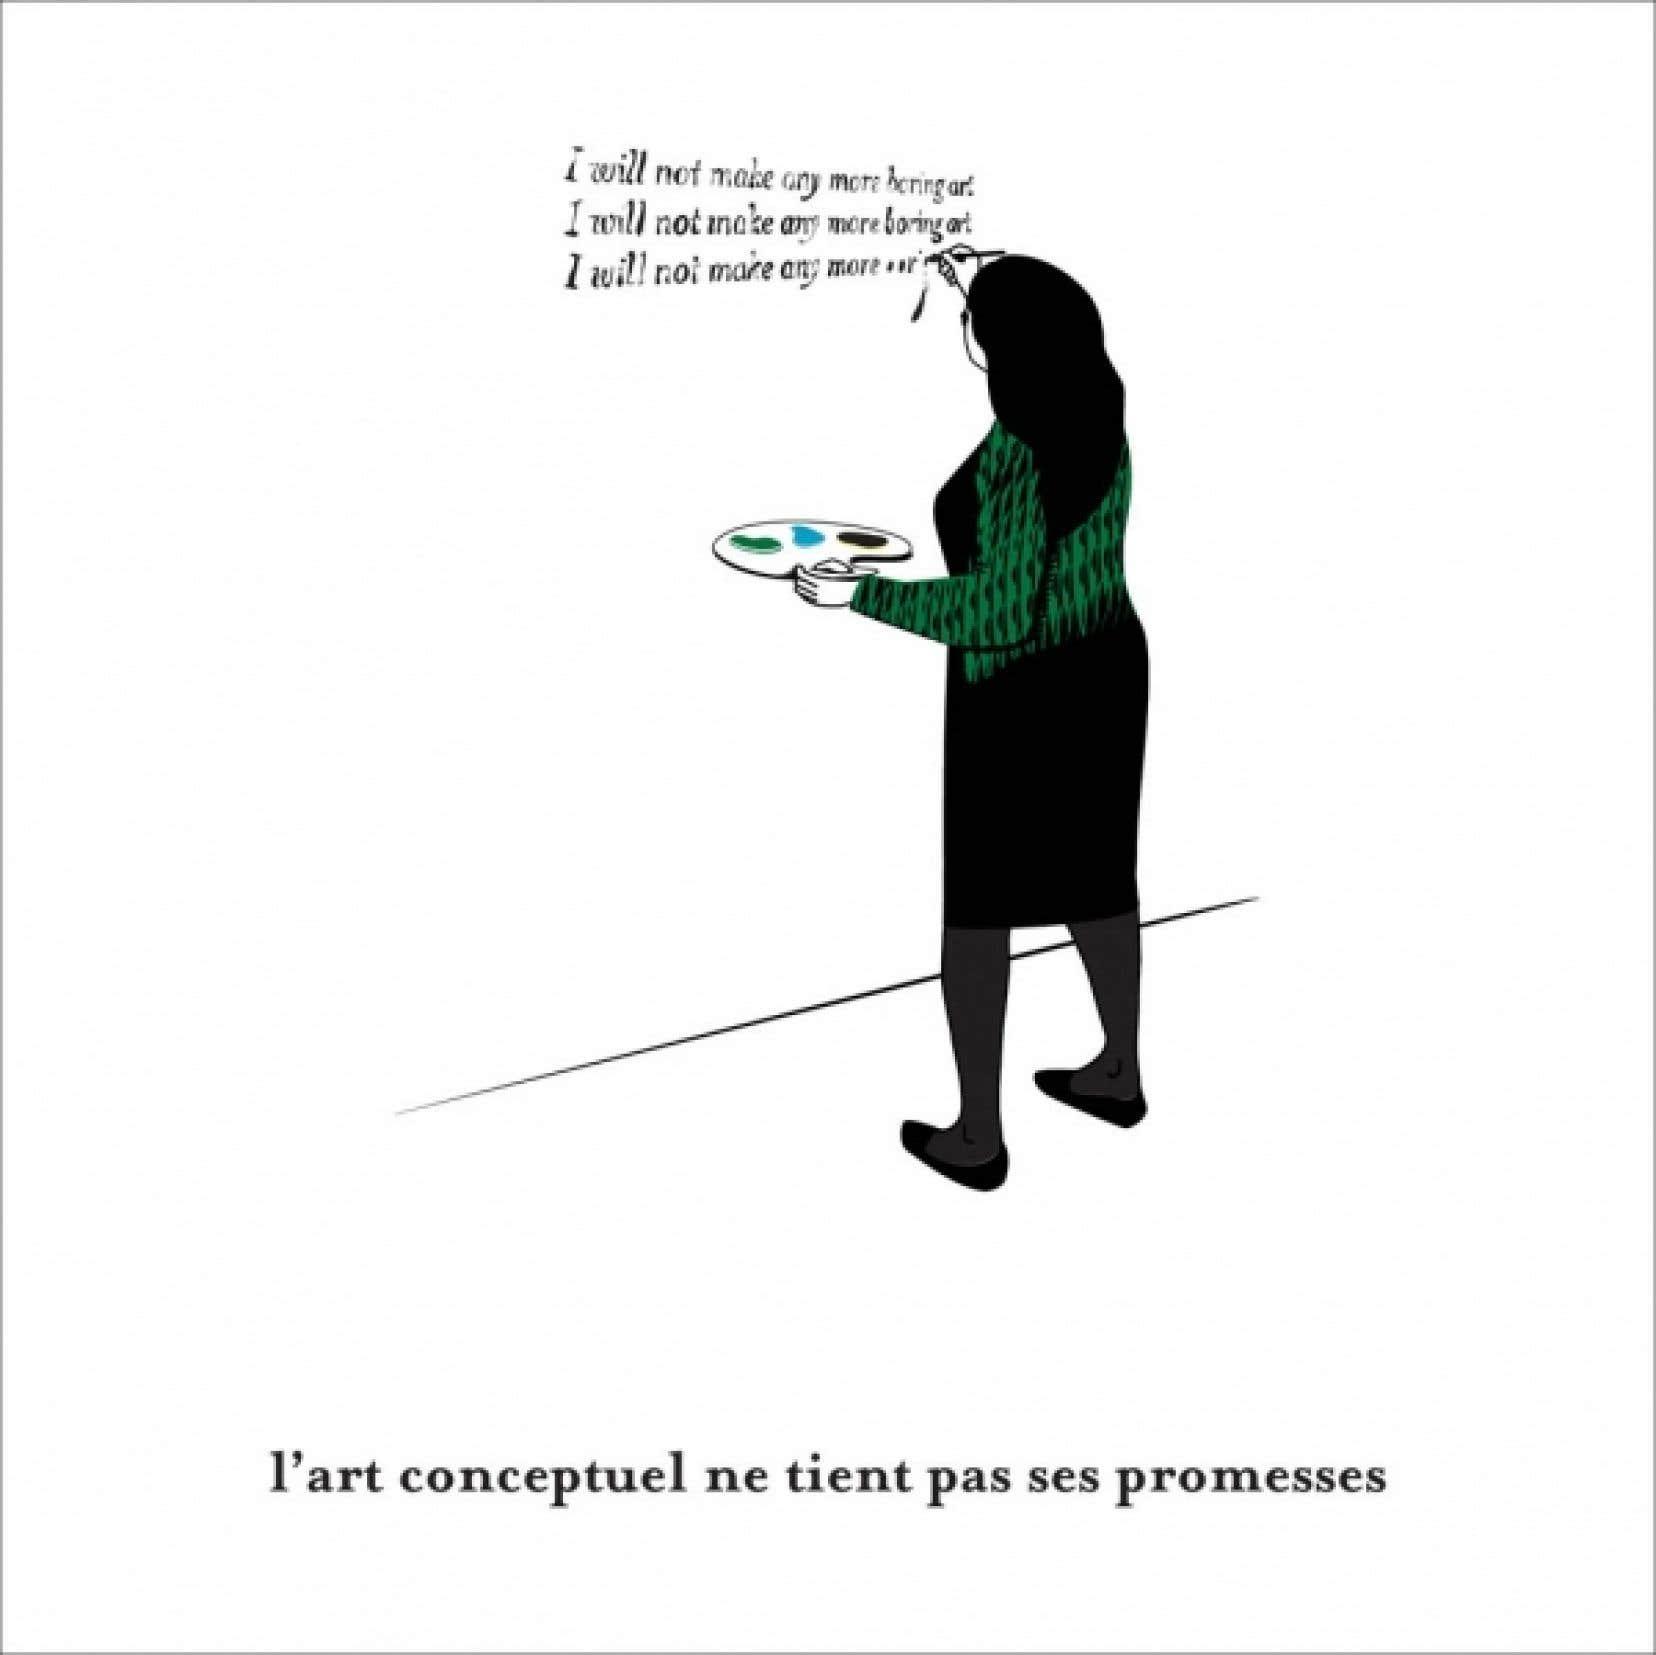 Deux vignettes de la série Le Livre noir de l'art conceptuel, de Clément de Gaulejac, vignettes qui évoquent des jalons de l'histoire de l'art conceptuel.